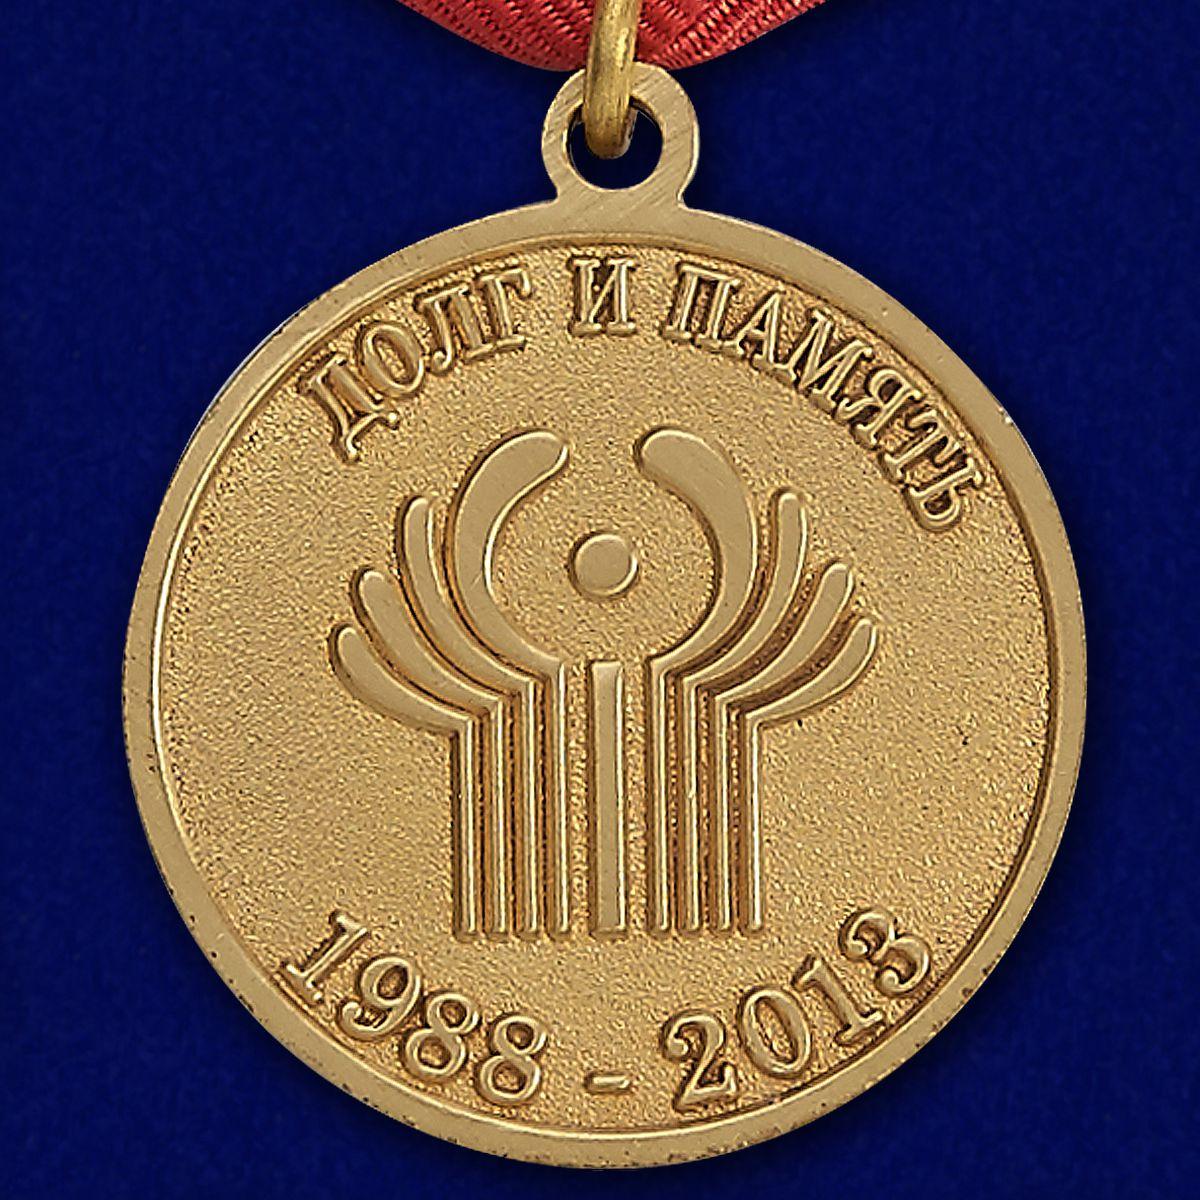 Купить медаль Ветерану поискового движения СНГ